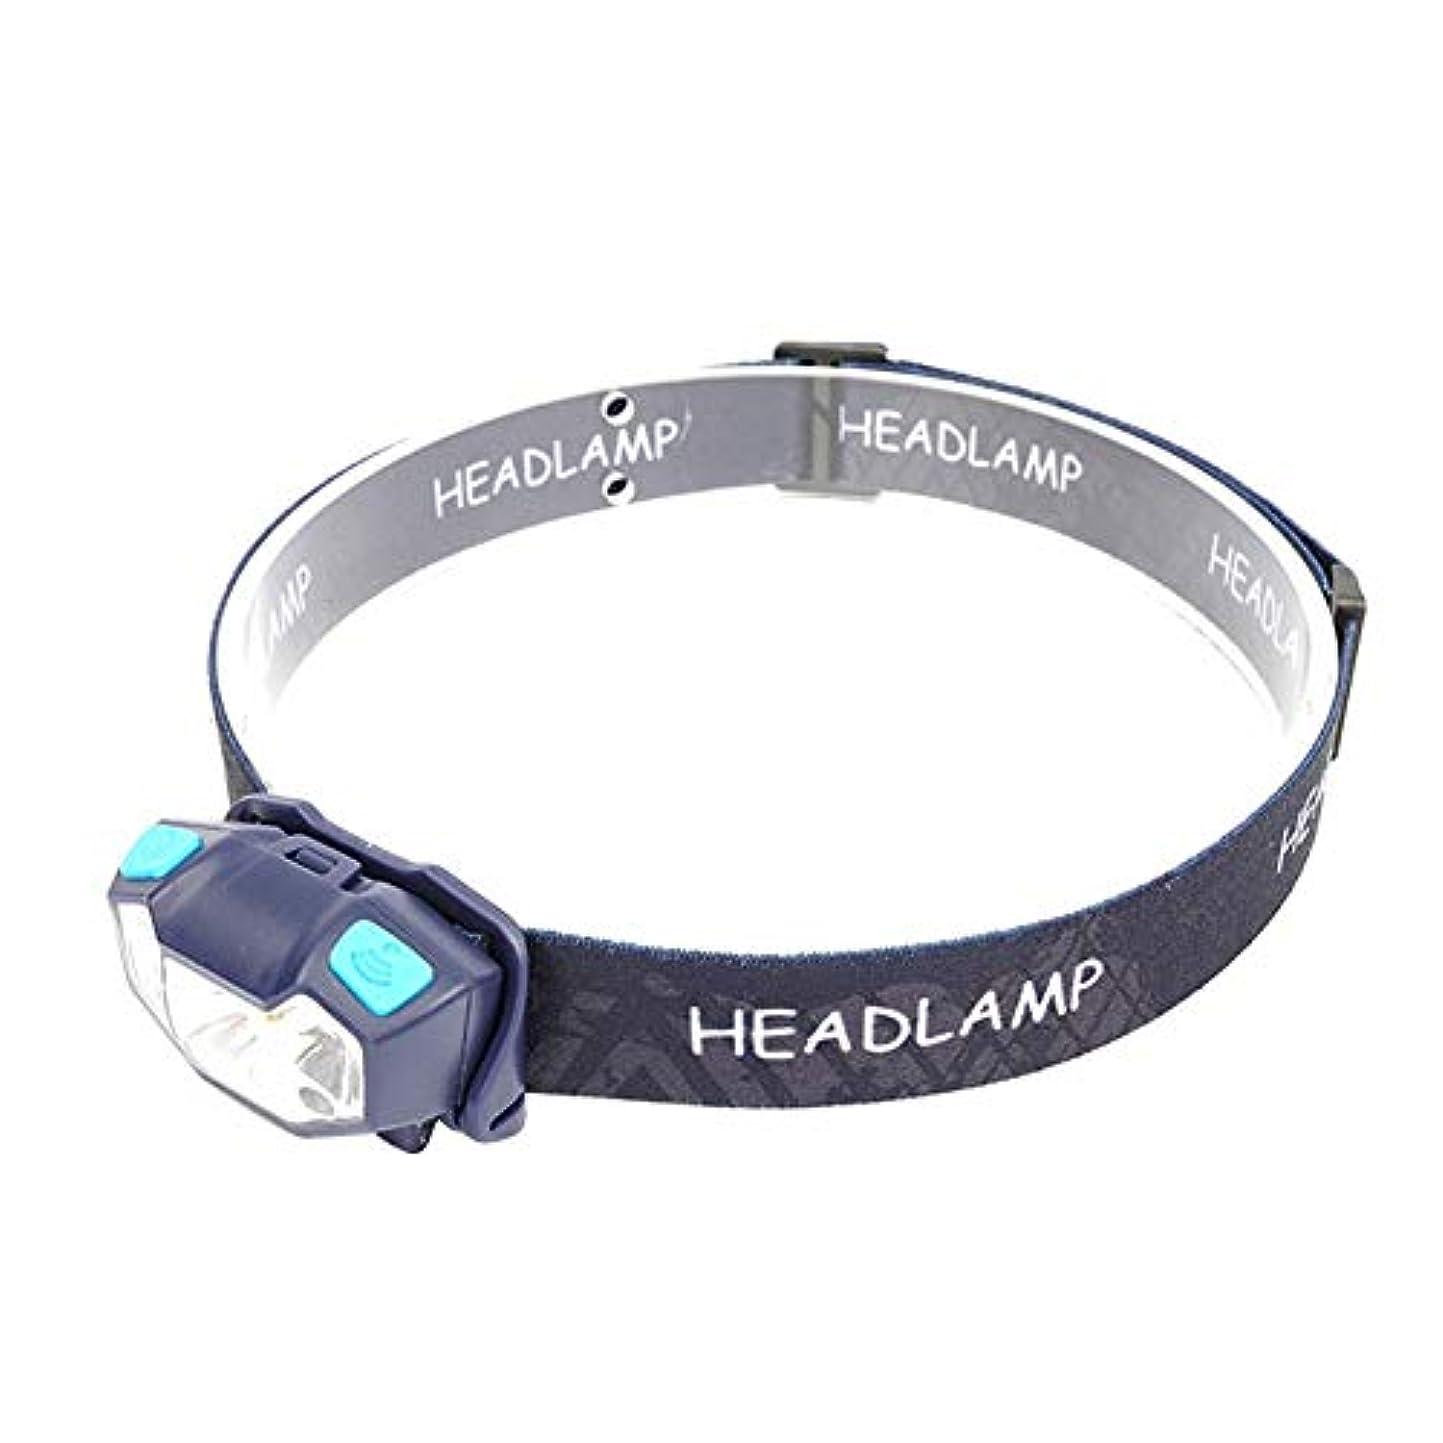 ふける民族主義パークvolflashy ヘッドランプ Q5 LED ヘッドライト USB 充電式 3モード 防水 モーション センサー キャンプ トーチ Exploration Beauty TM-045